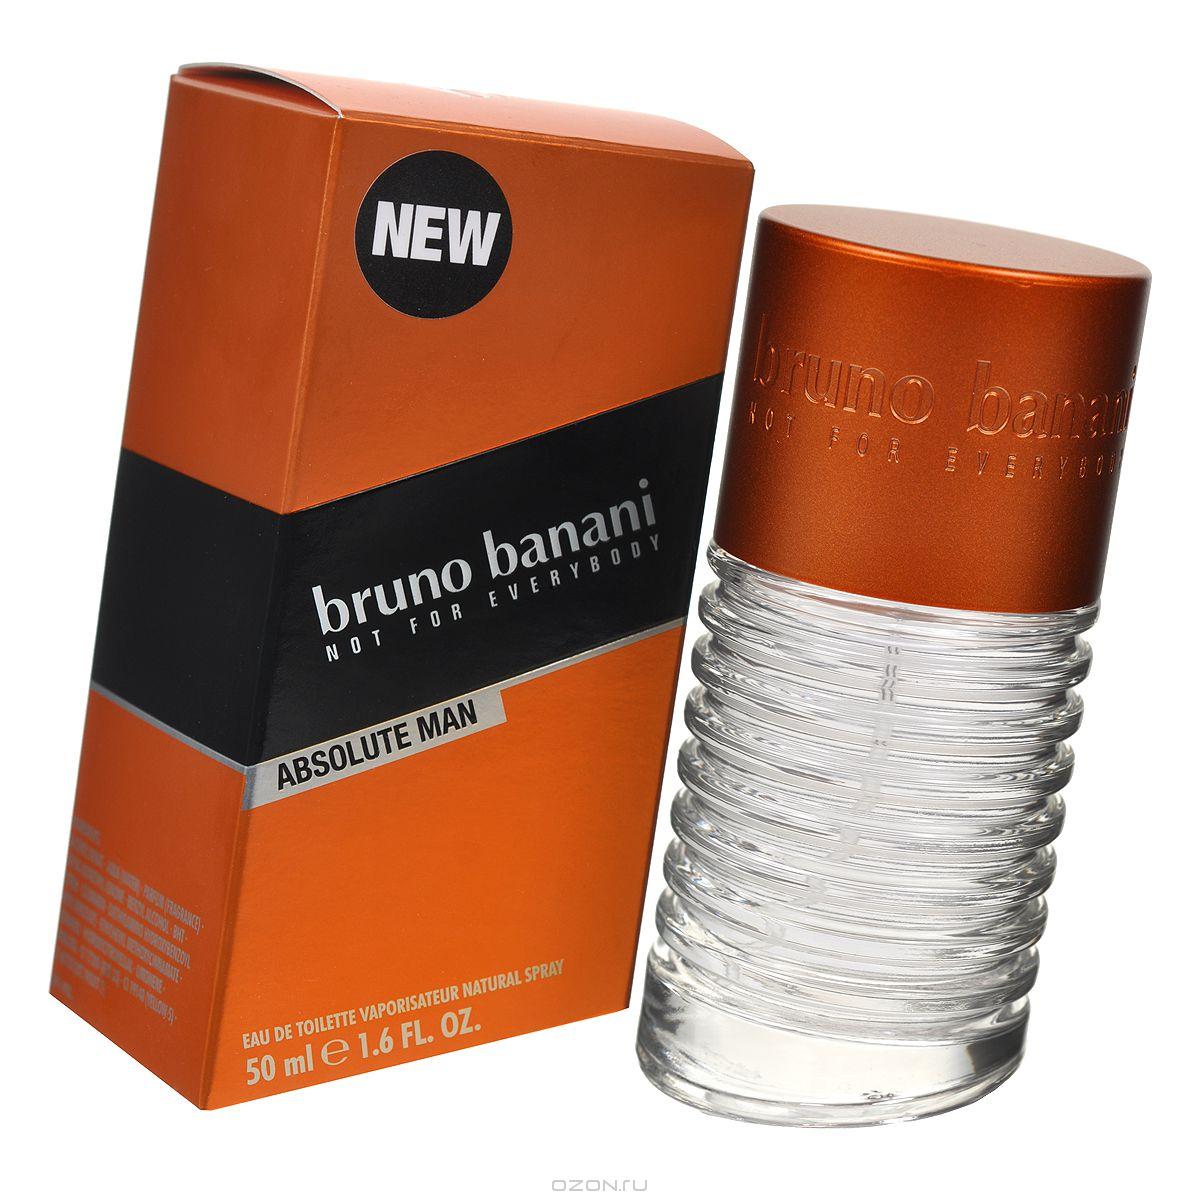 Bruno Banani ABSOLUTE men туалетная вода для мужчин